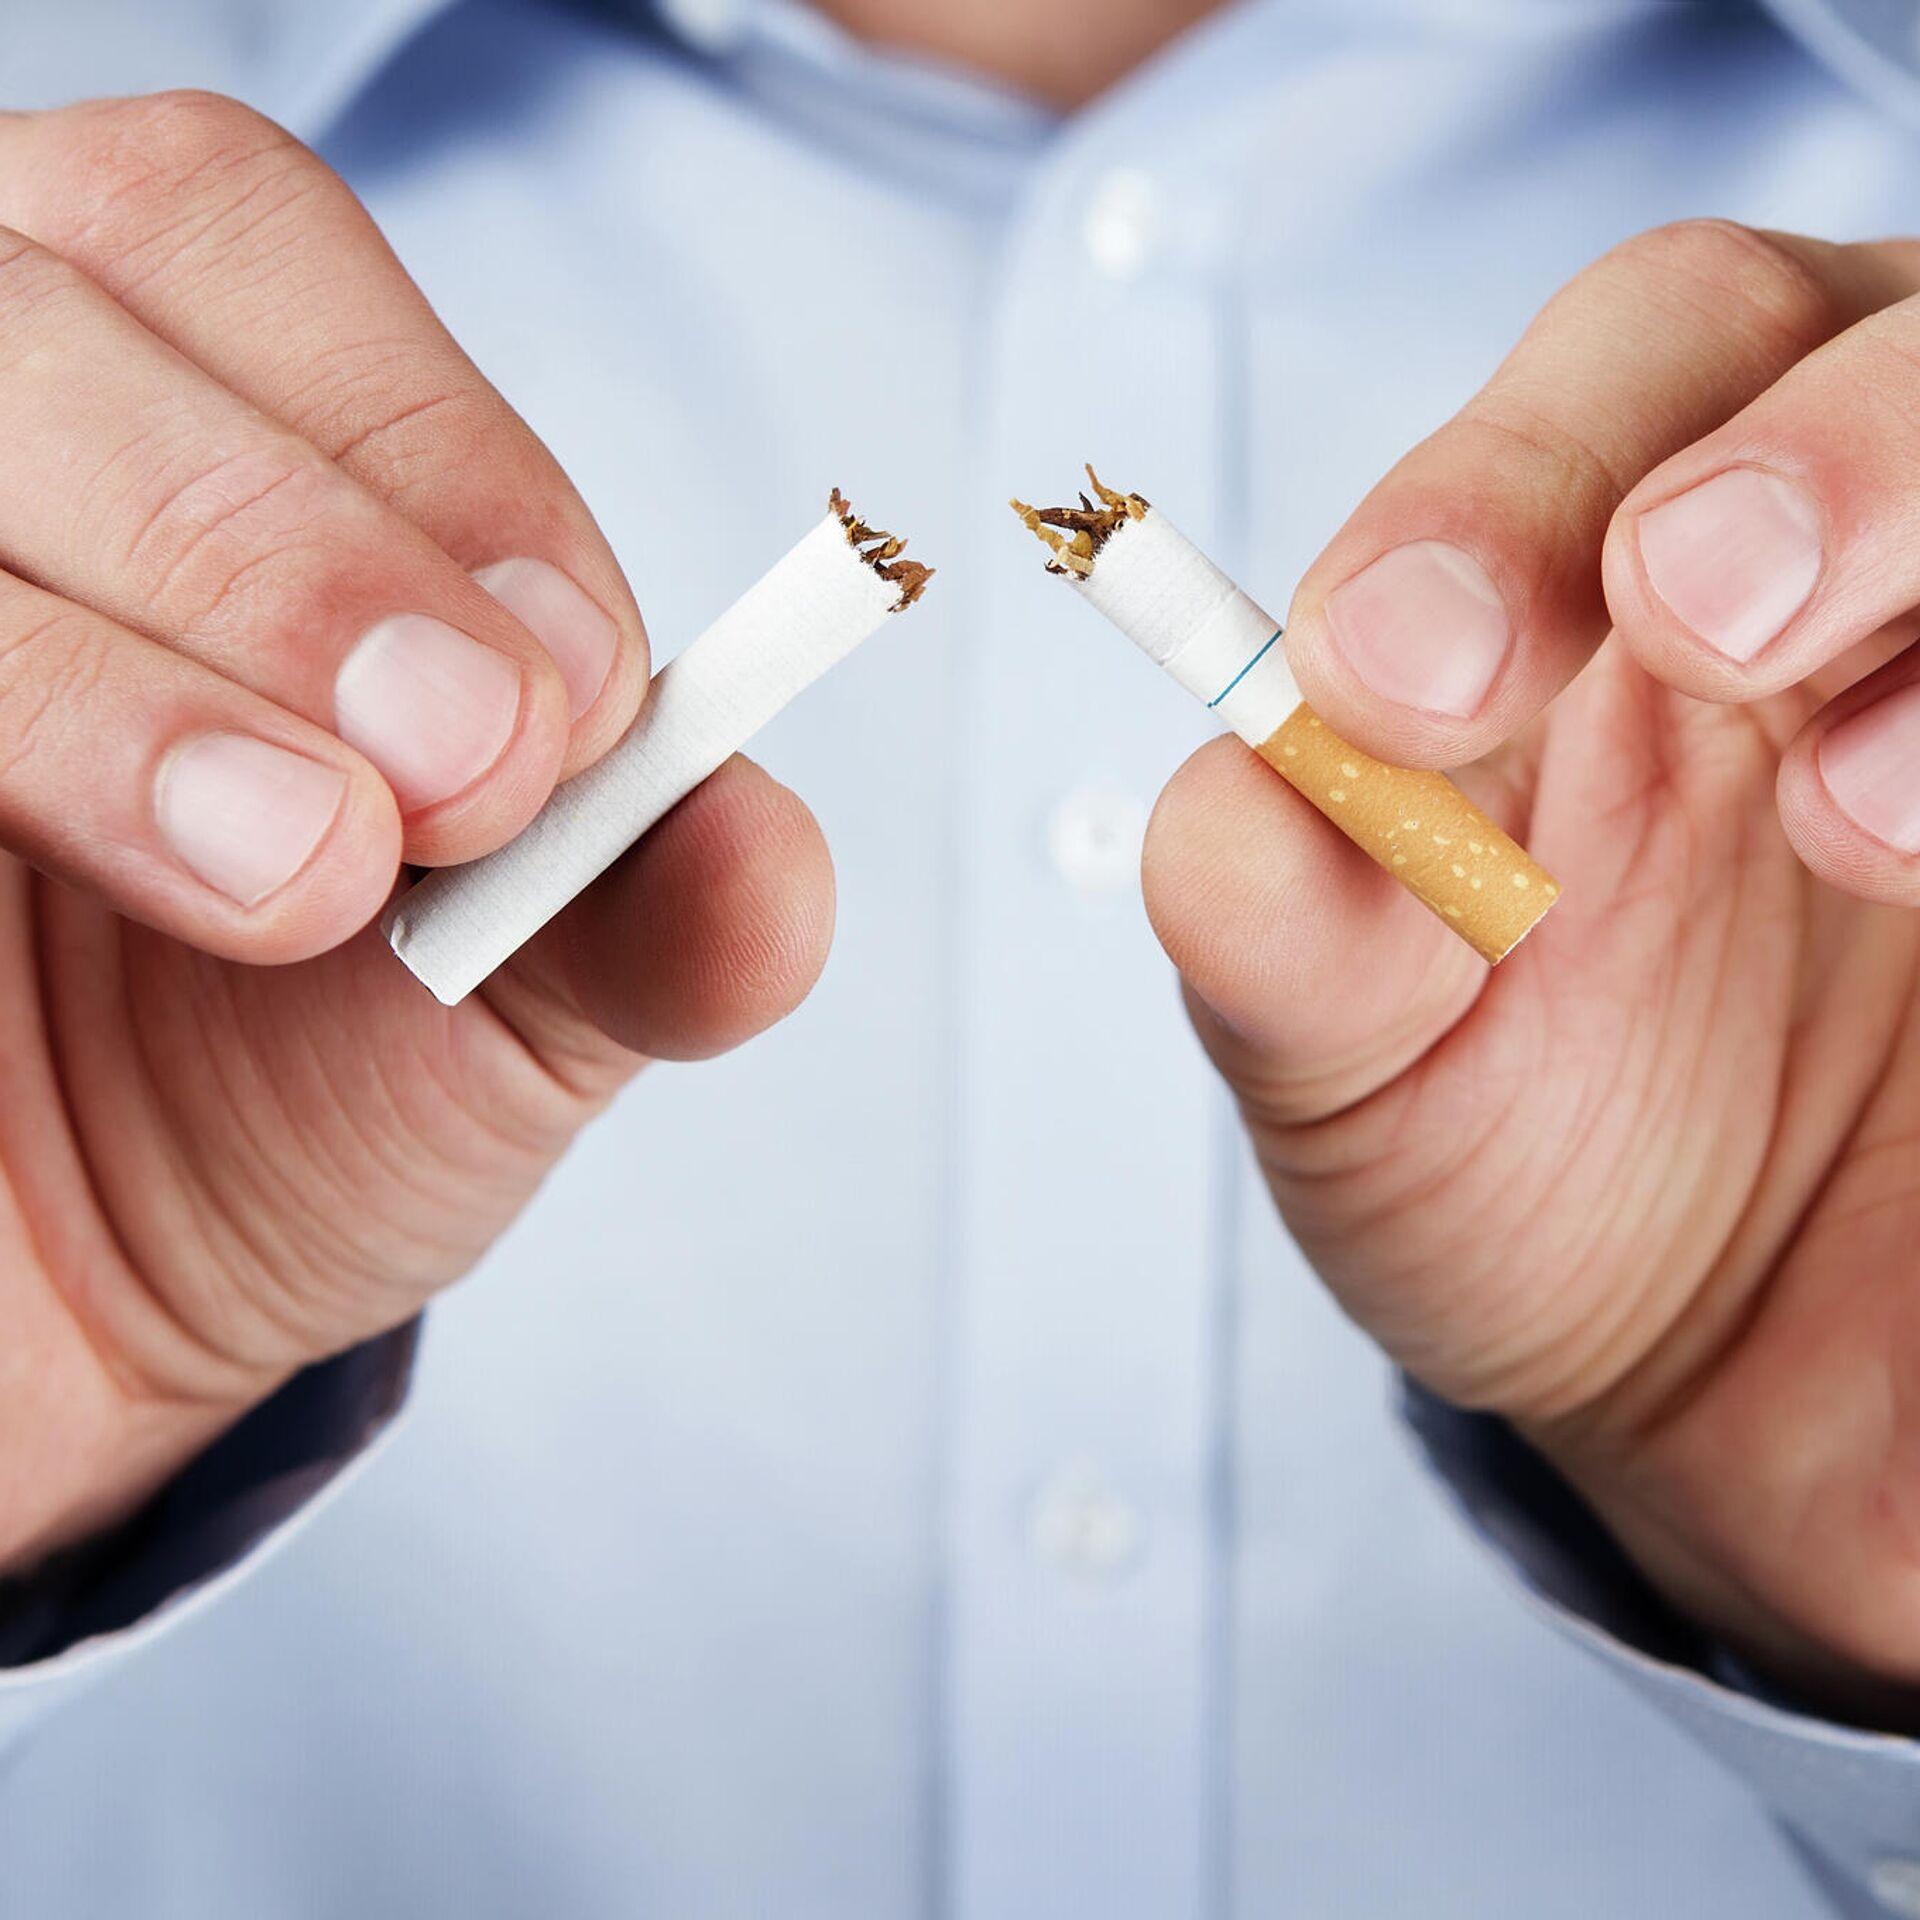 Где купить сигарету подростку hgd купить электронная сигарета